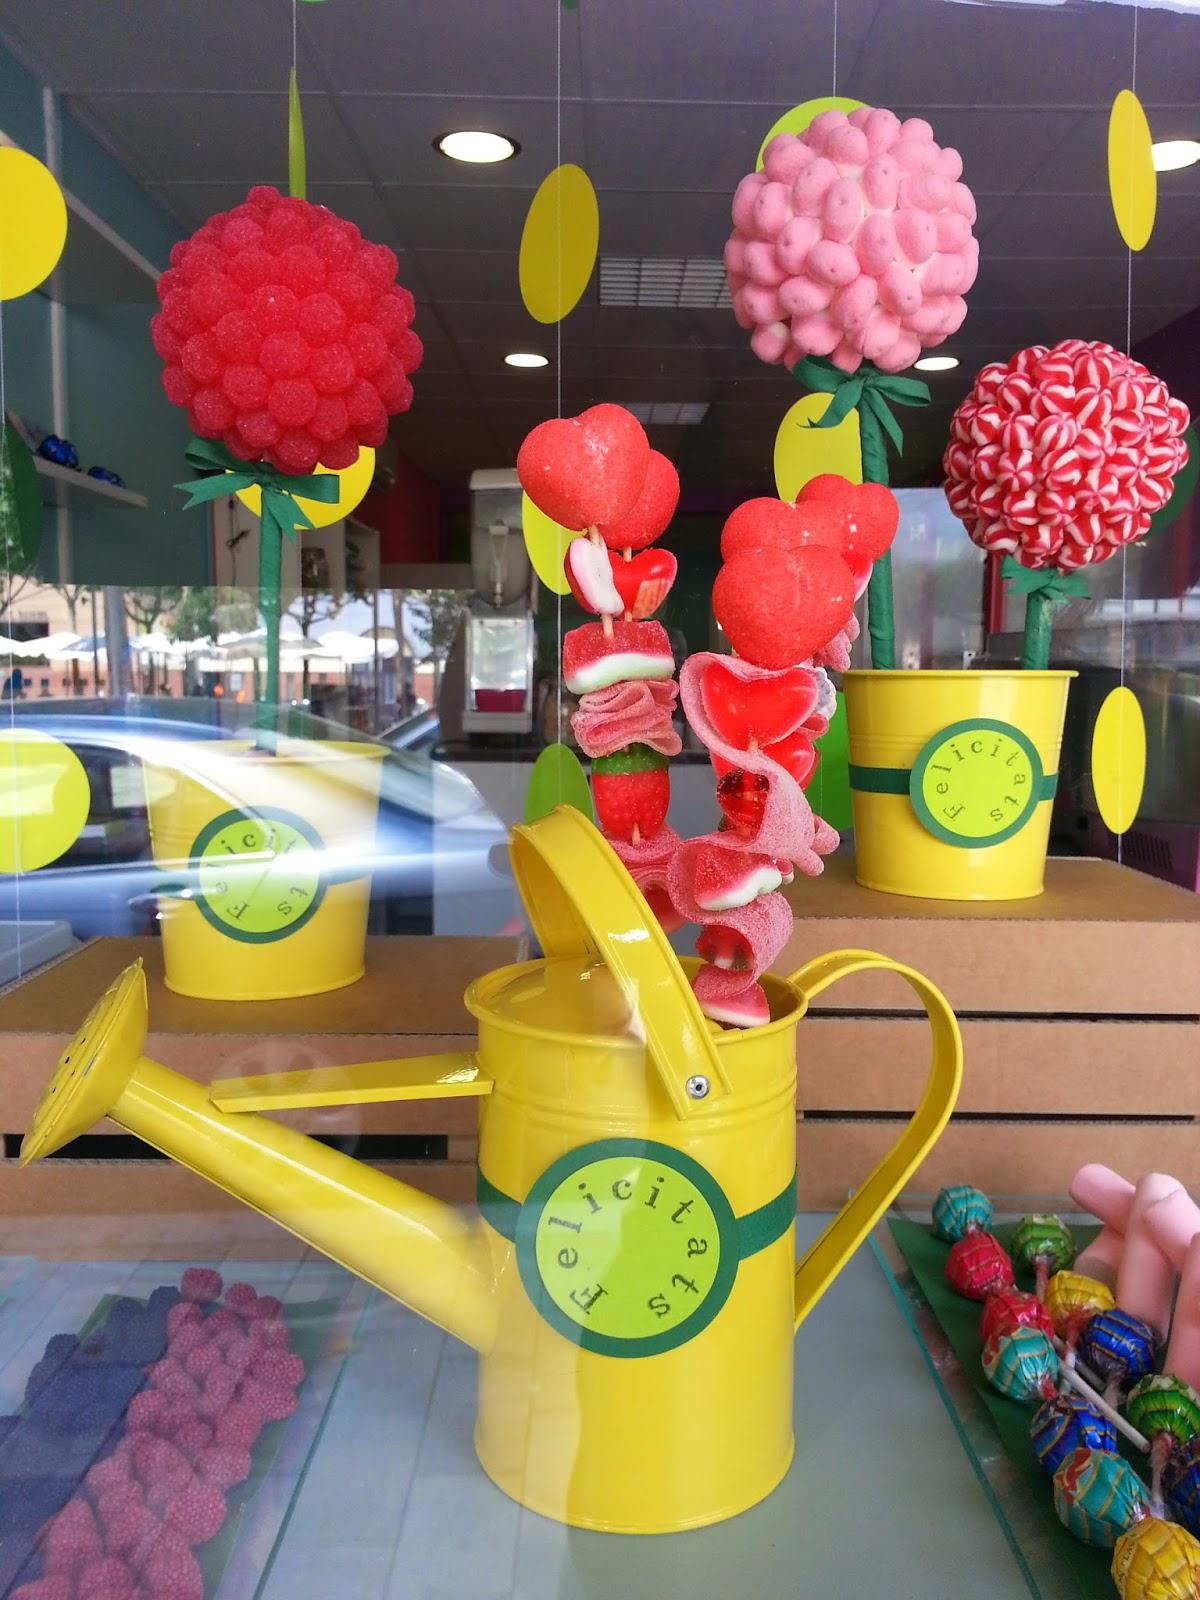 Regadera y macetas con flores de golosinas